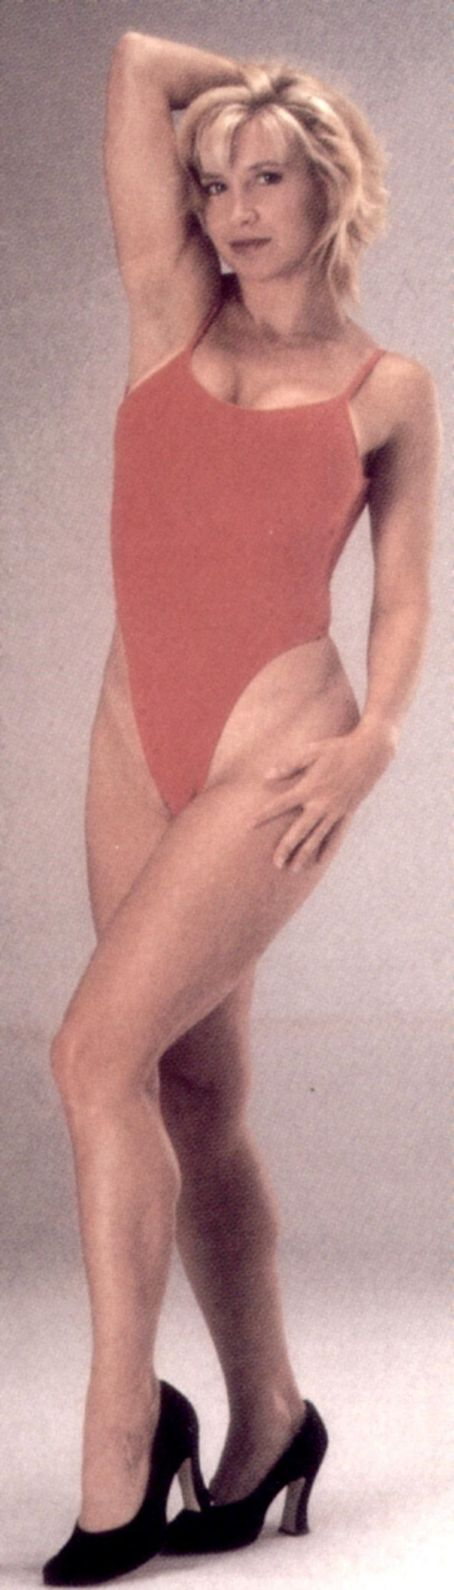 rothrock nude Cynthia